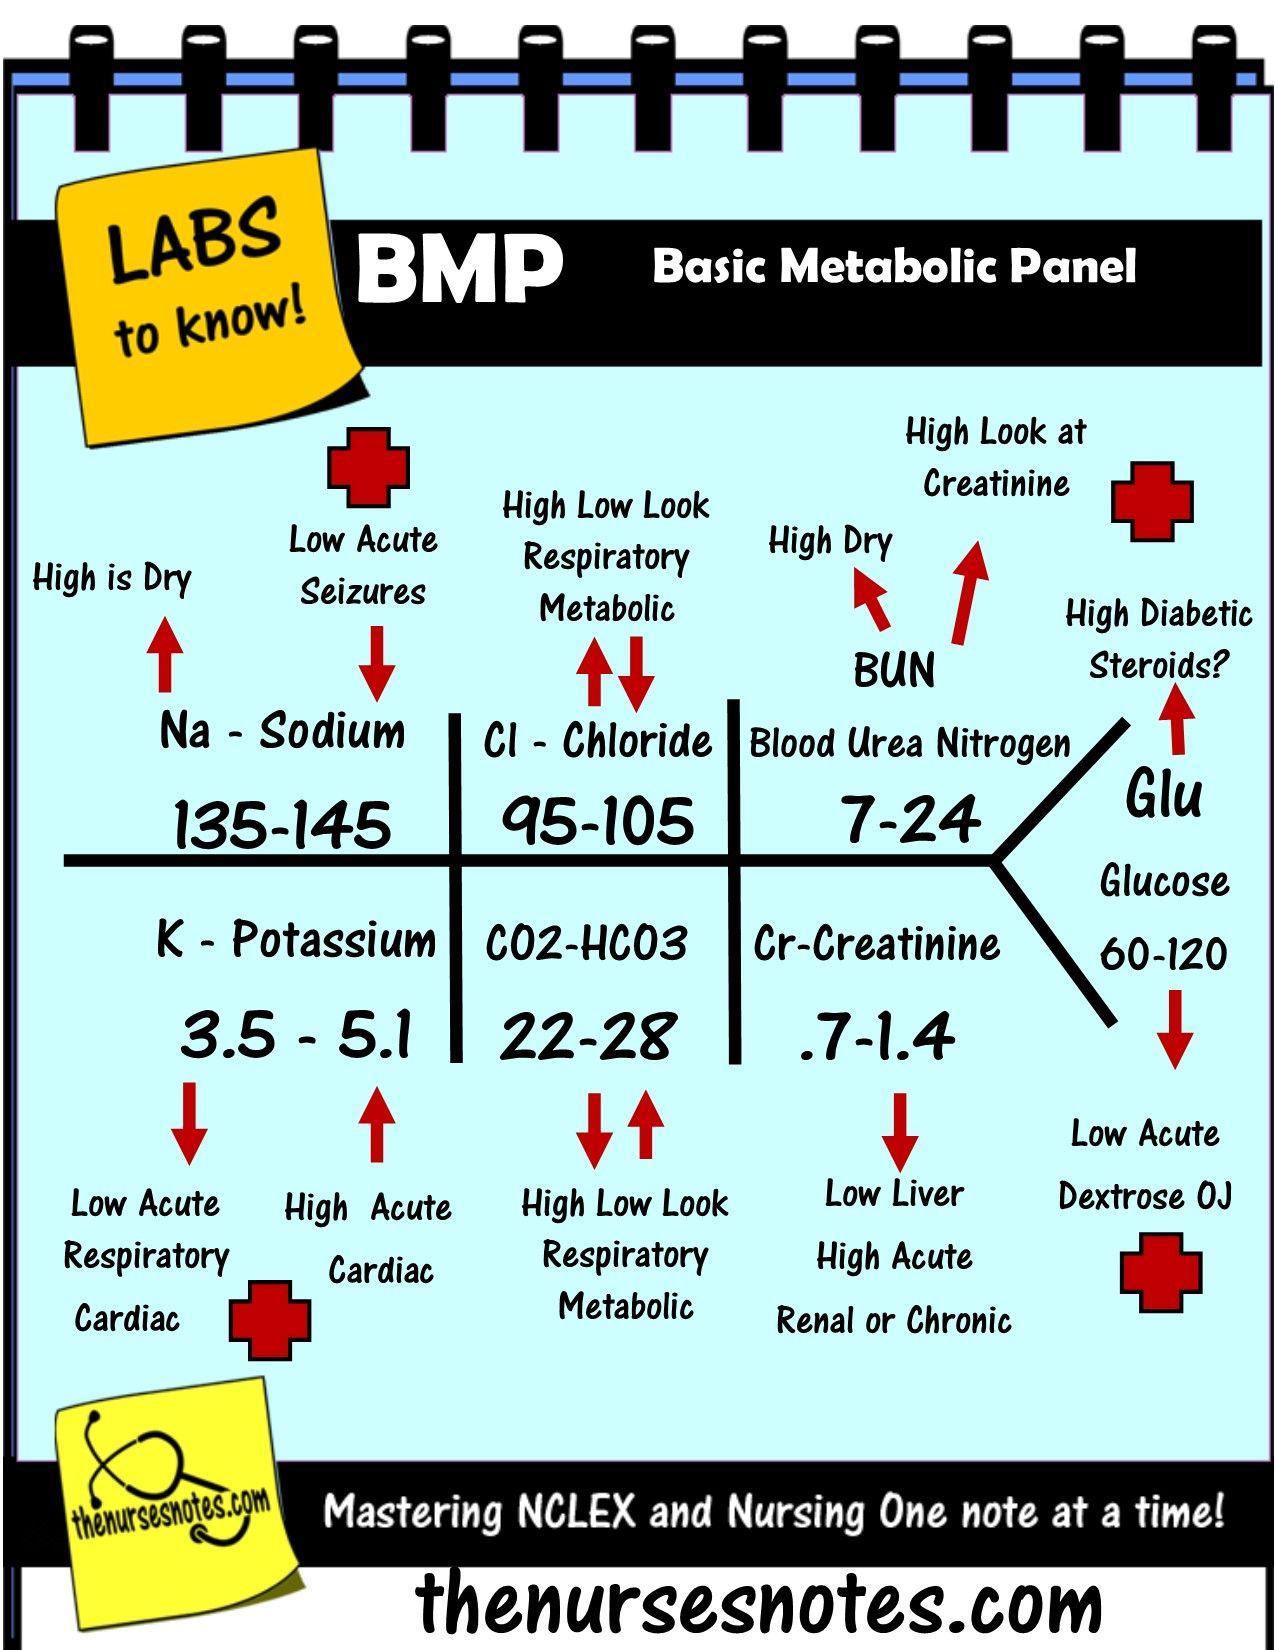 Bmp Chem7 Fishbone Diagram Explaining Labs